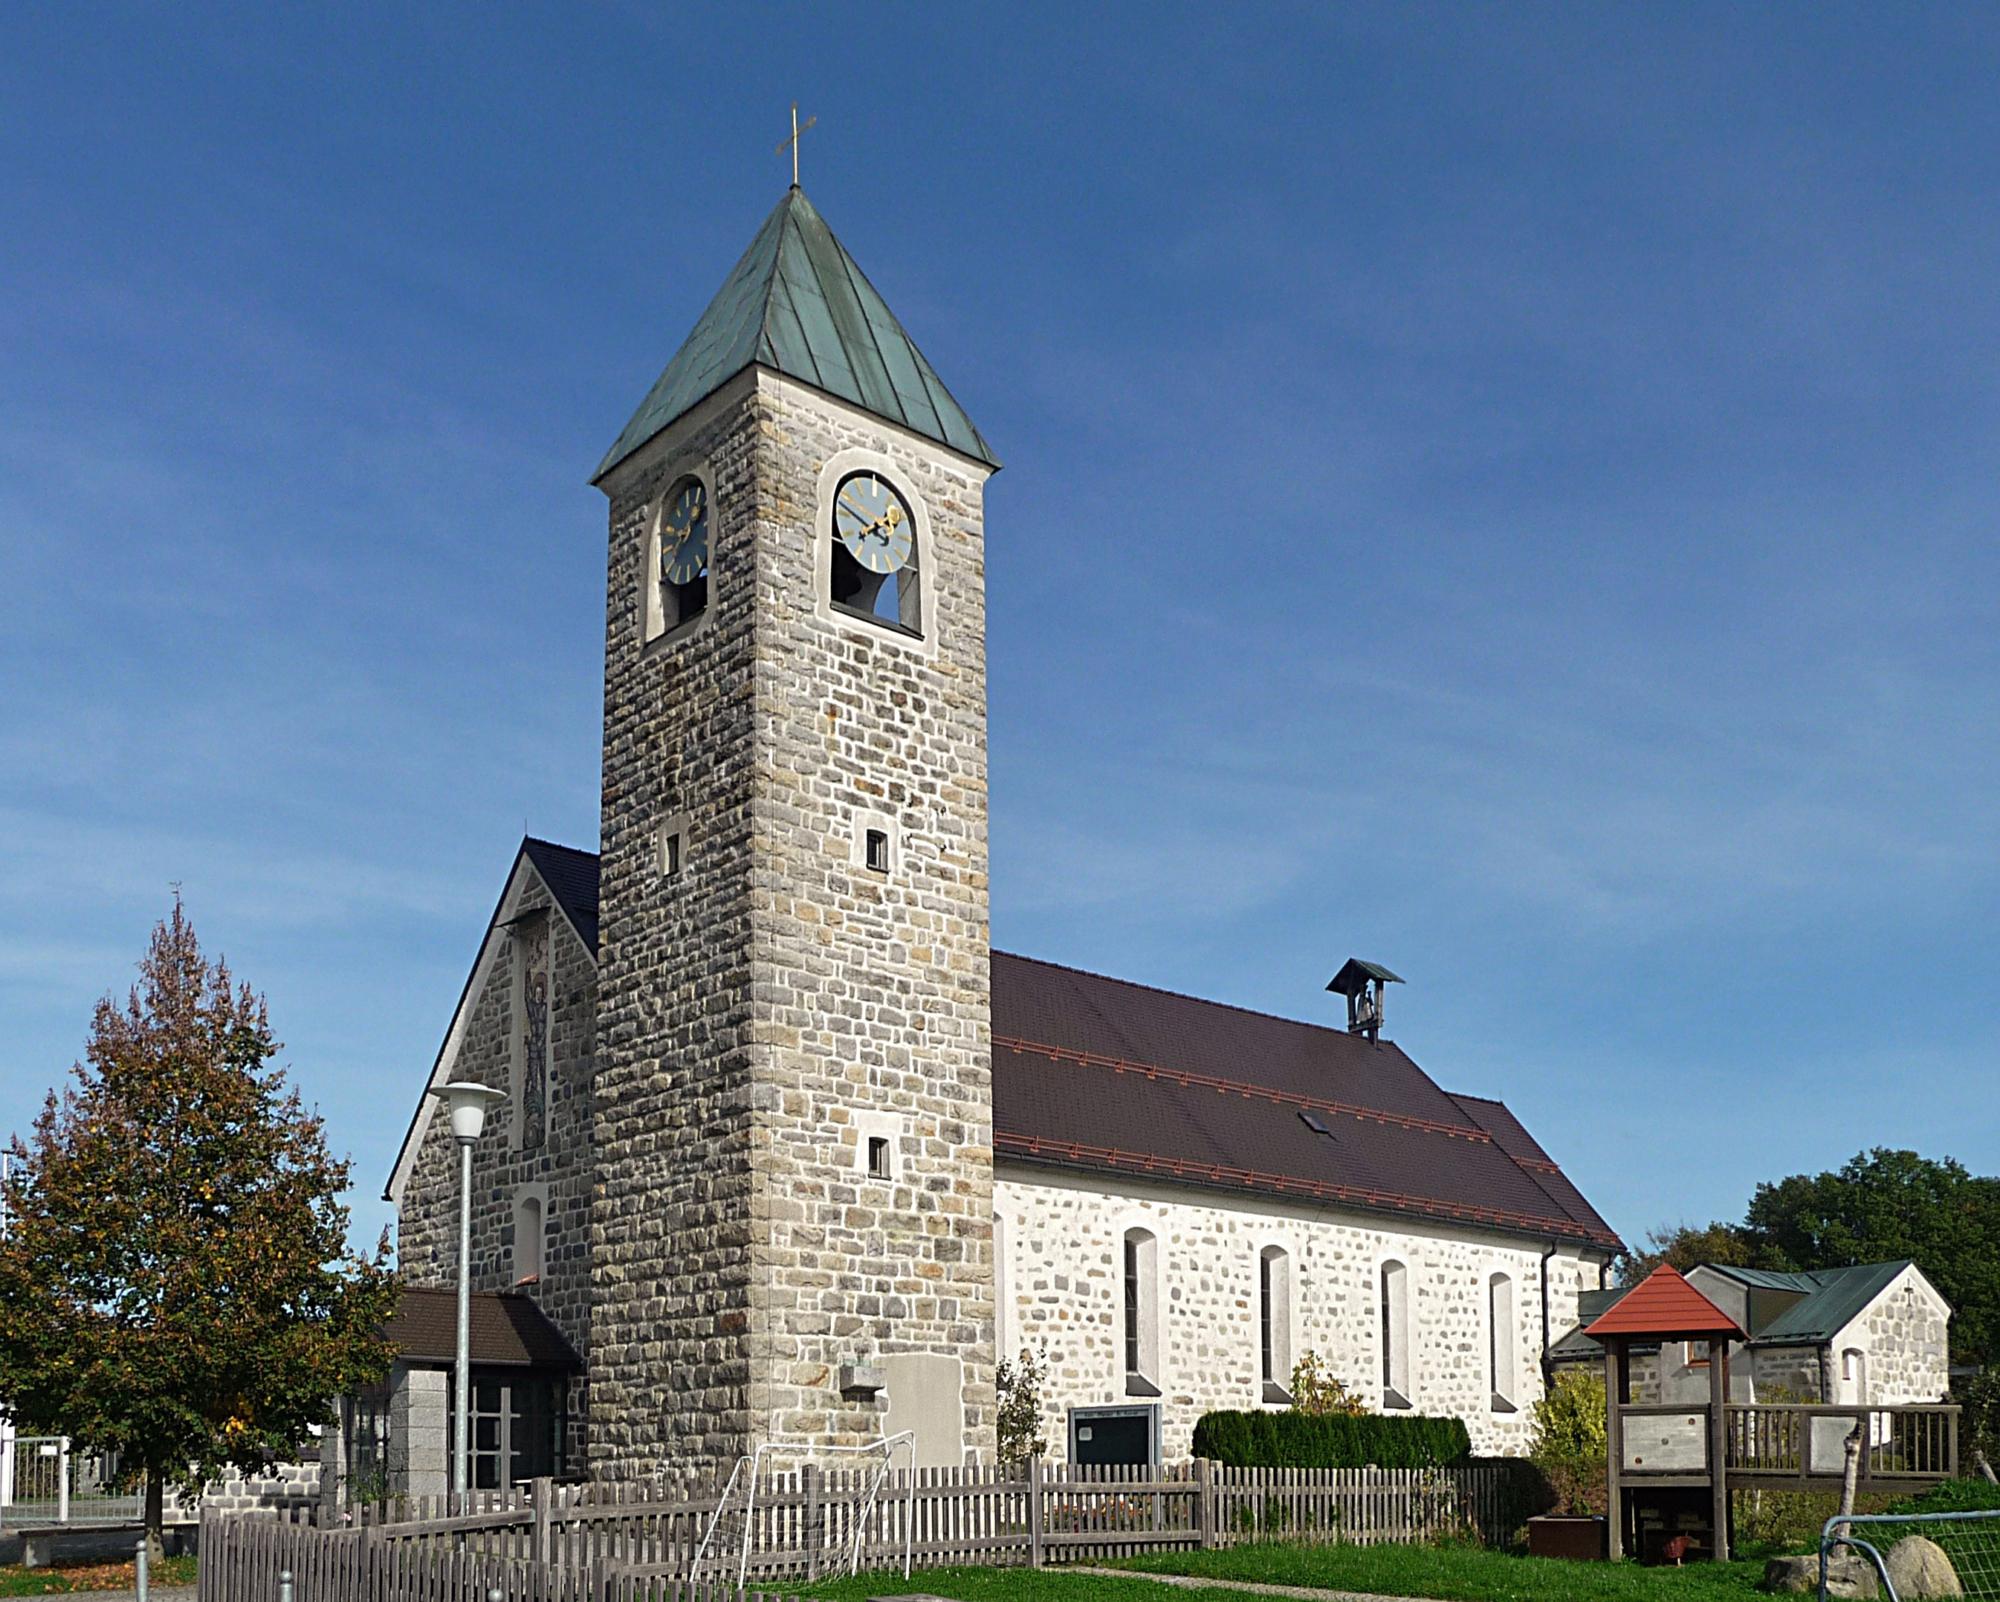 Kirche BC3 B6hmzwiesel